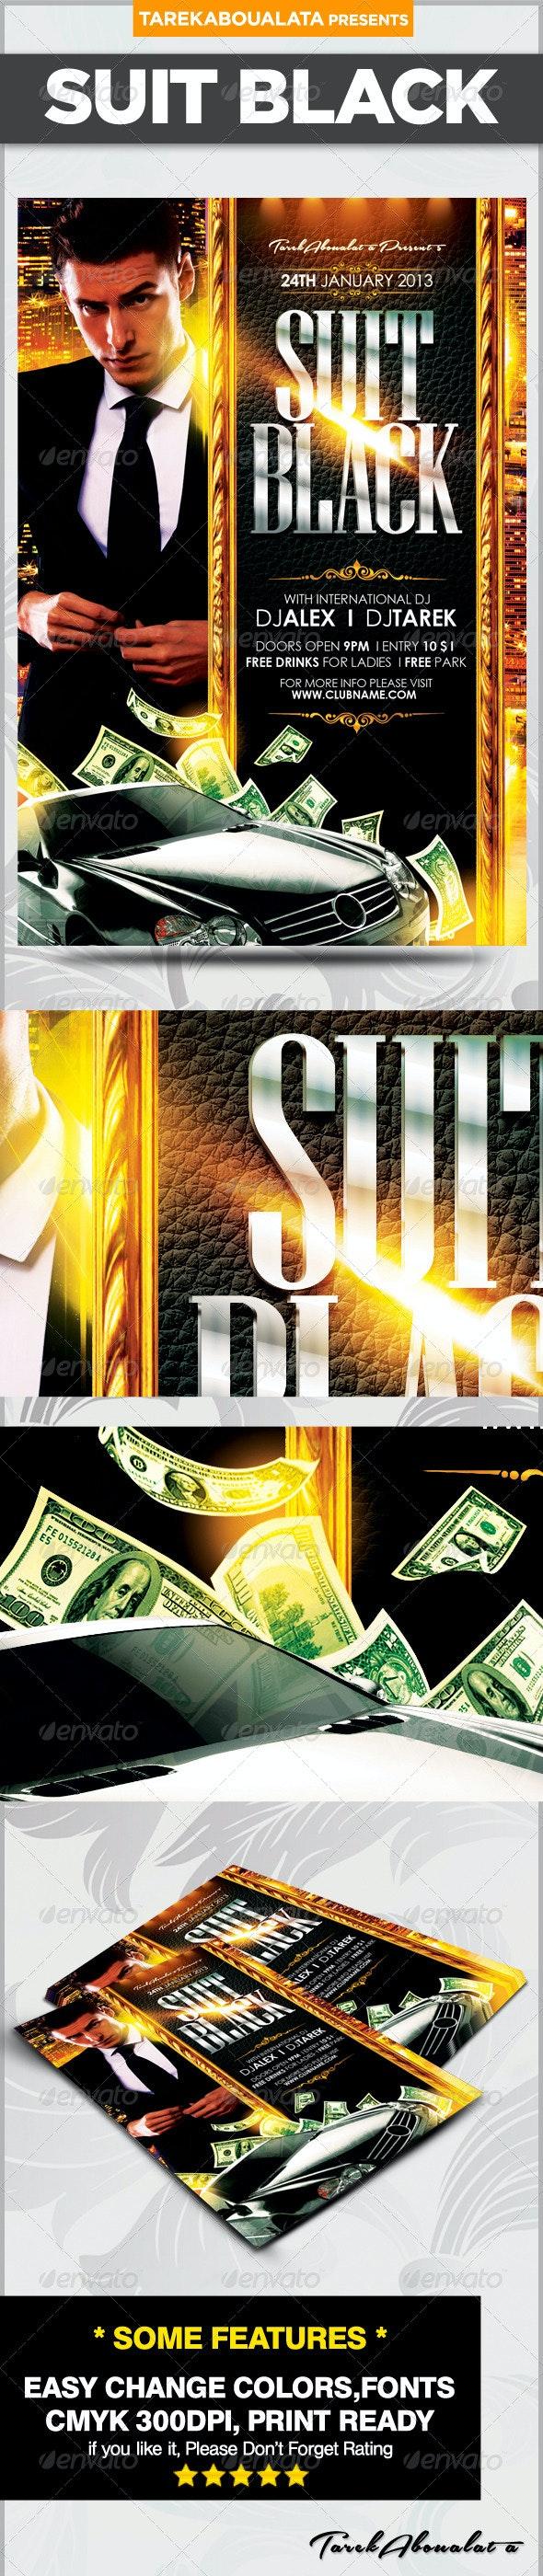 Suit Black Flyer - Clubs & Parties Events